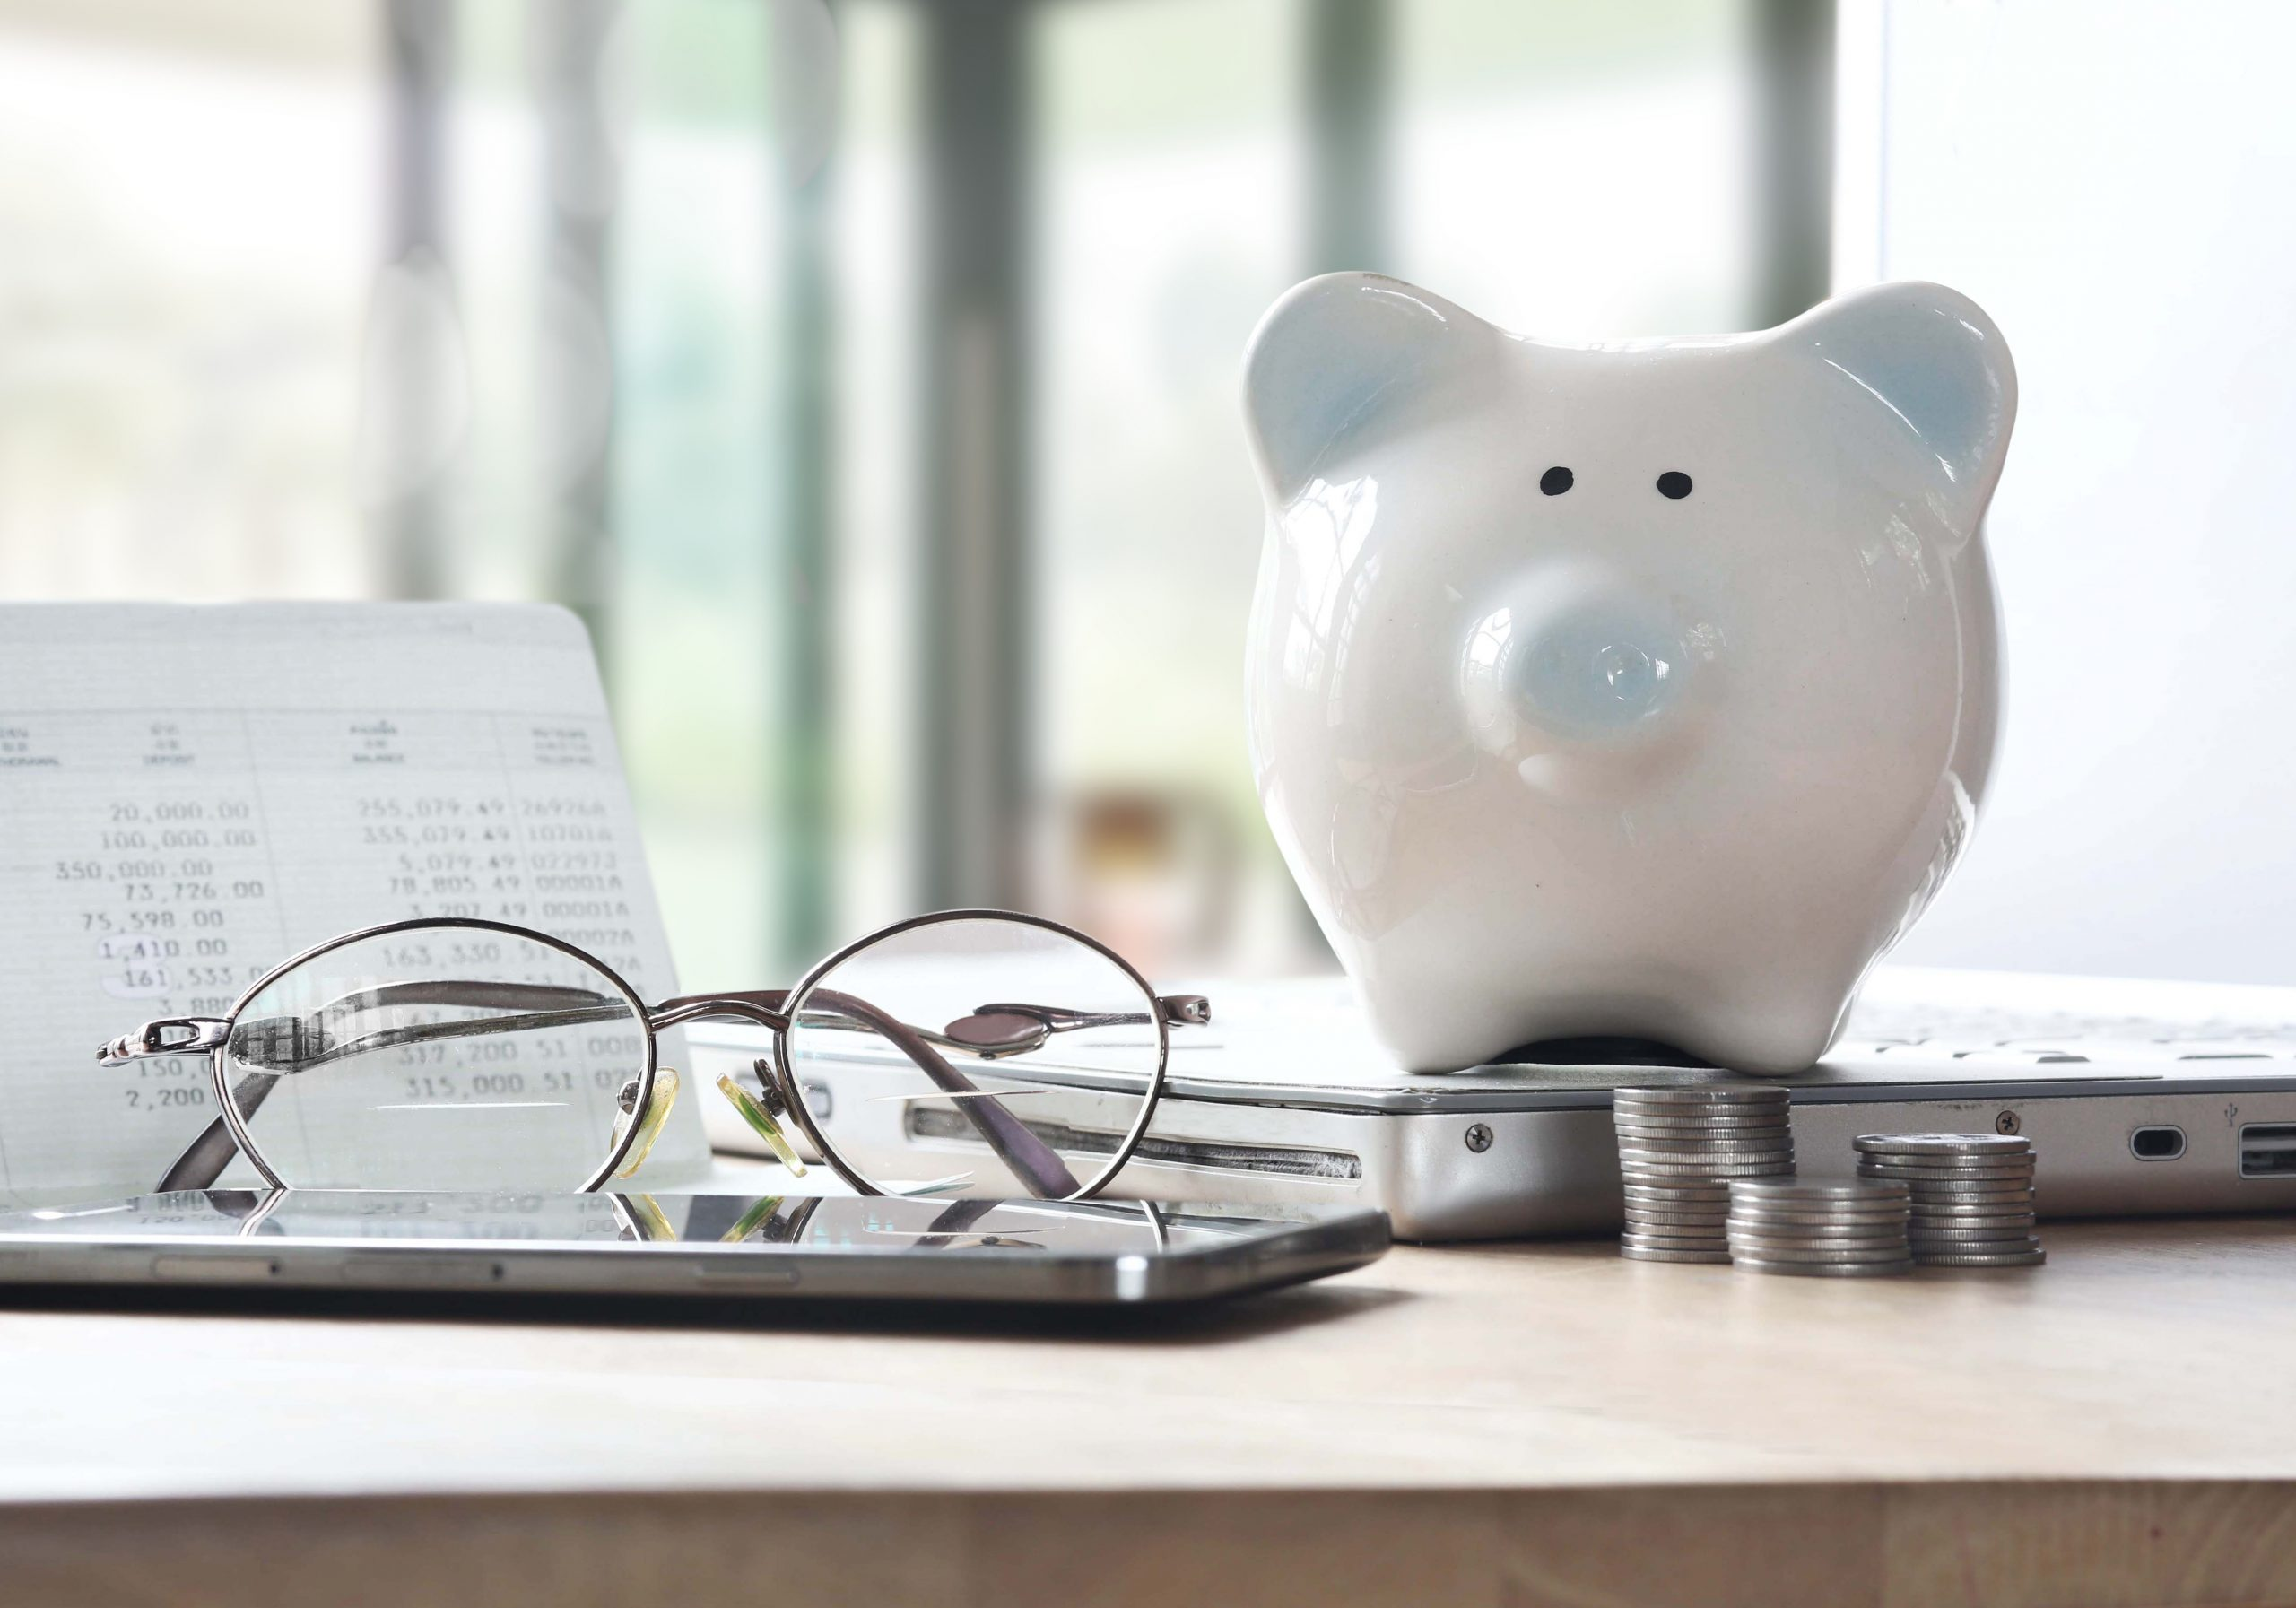 新婚夫婦みんないくらくらい貯めている?月々の貯蓄額の目安は?